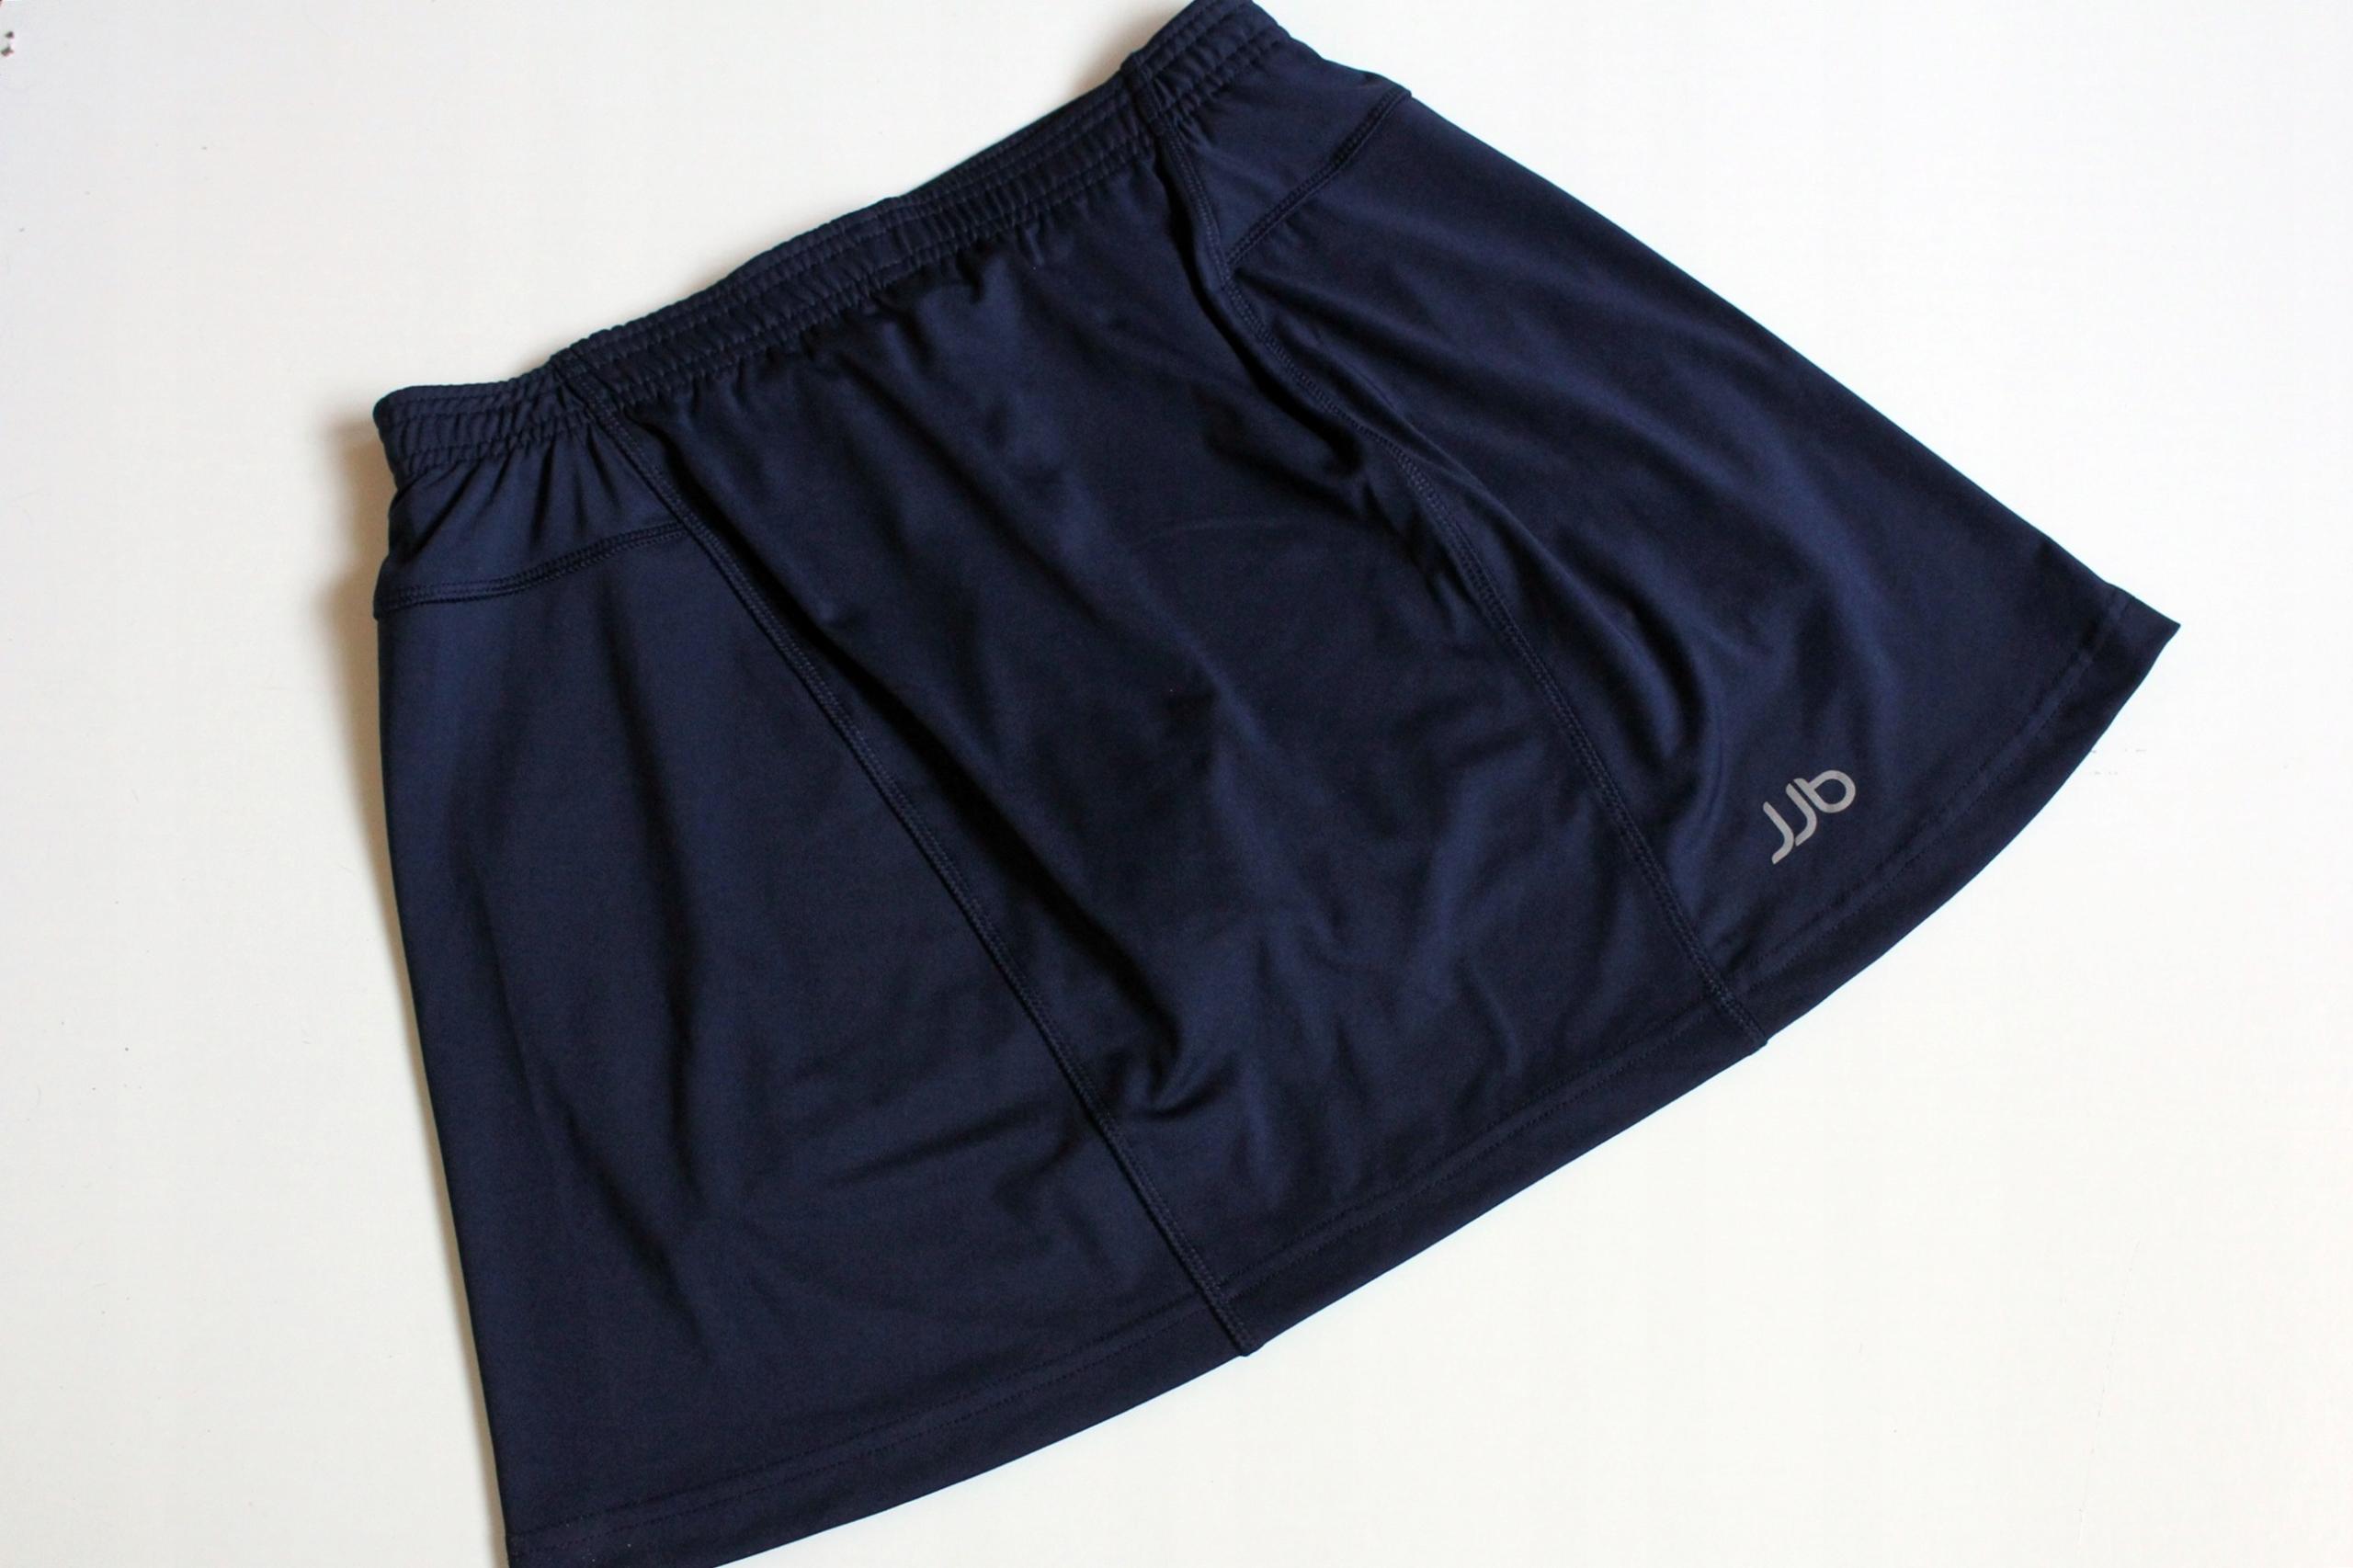 Sportowa spódnica ze spodenkami granatowa